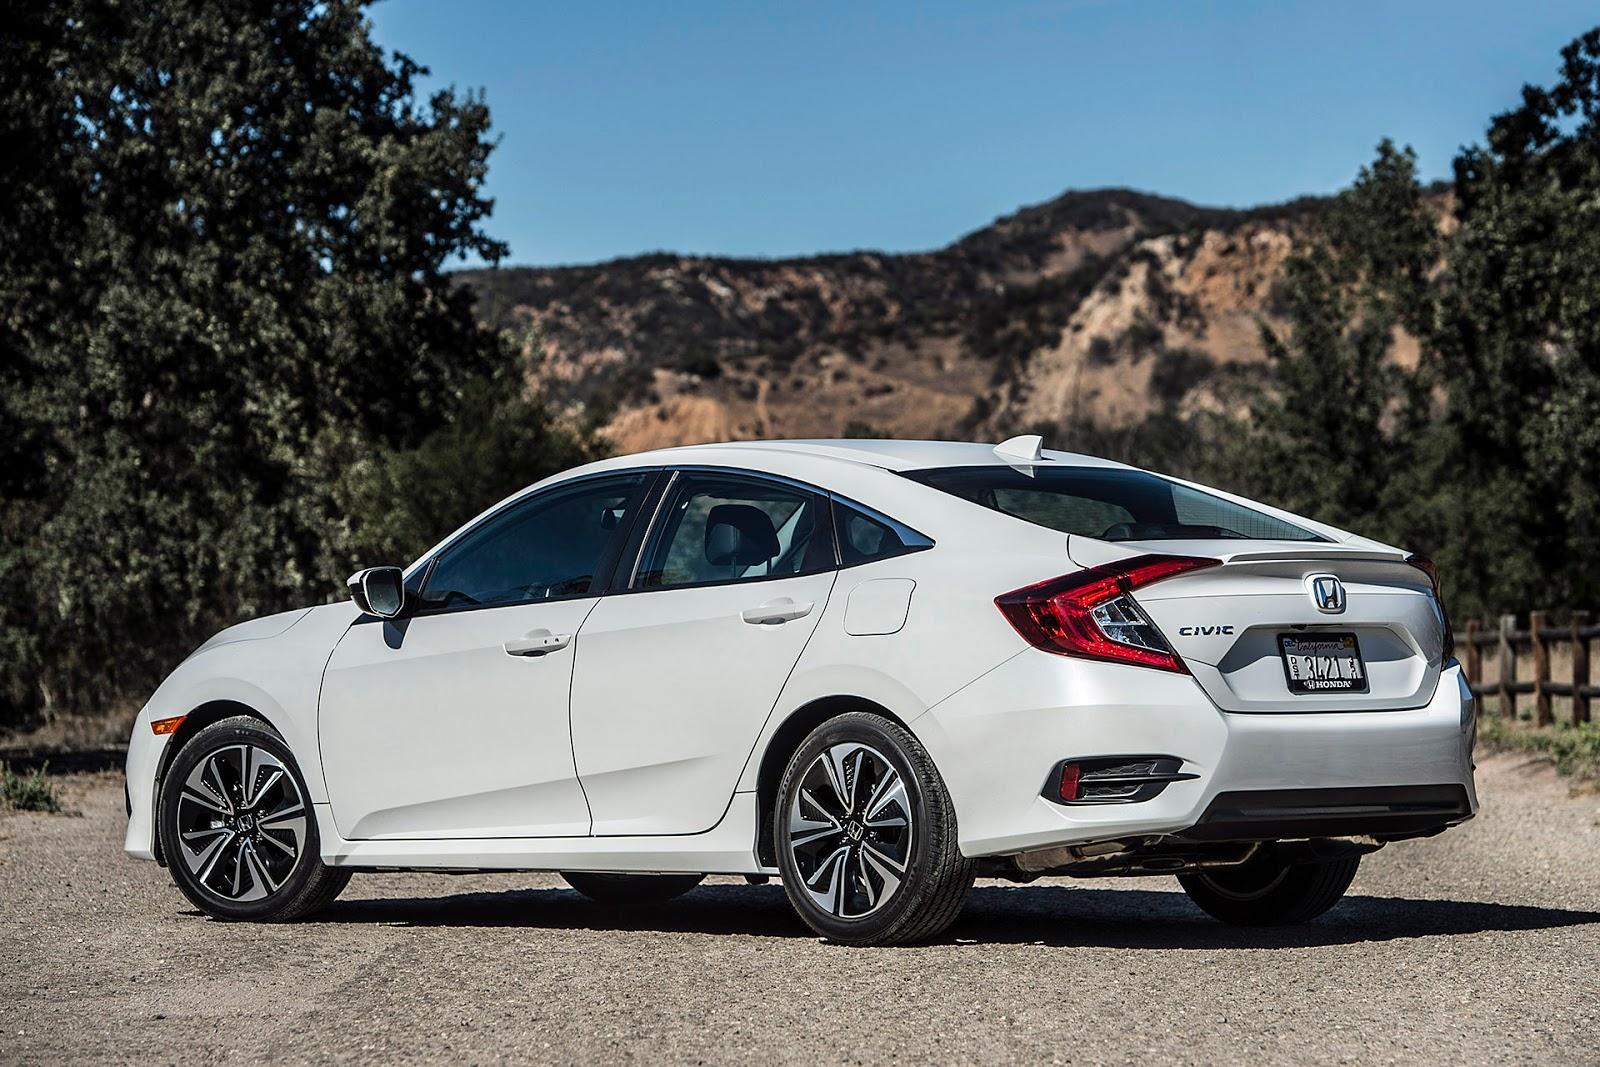 Tuy là dòng xe nhỏ, nhưng Honda Civic 2016 lại vô cùng rộng rãi, thanh thoát